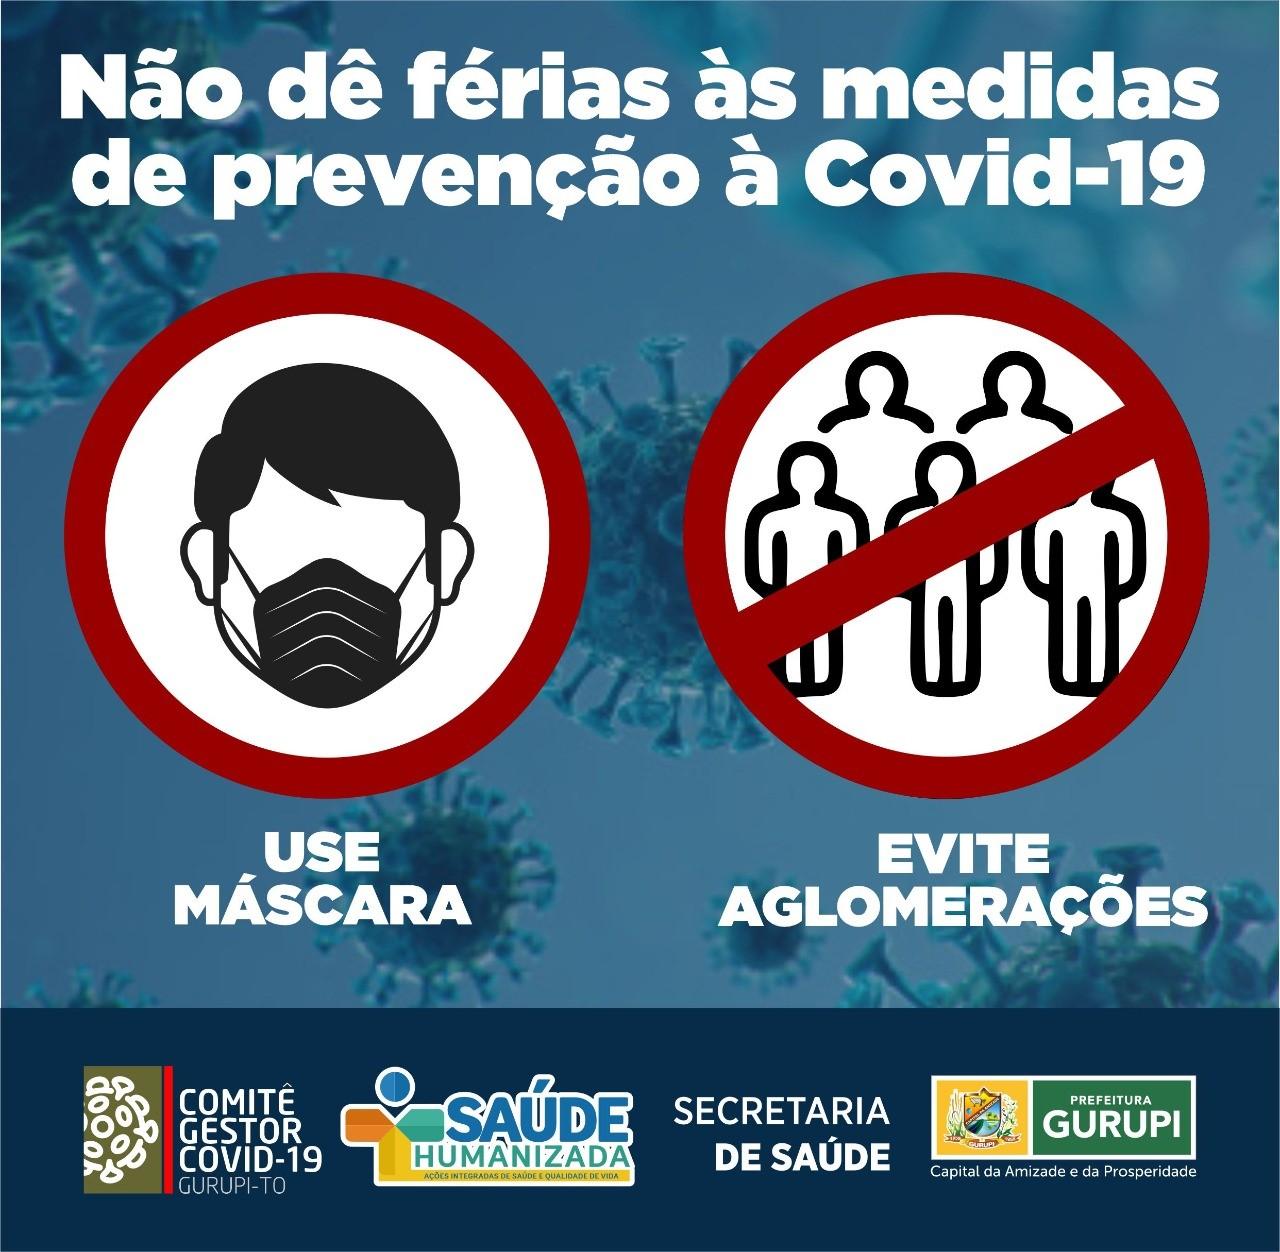 Prefeitura de Gurupi alerta: Em julho não dê férias às medidas de prevenção à Covid-19